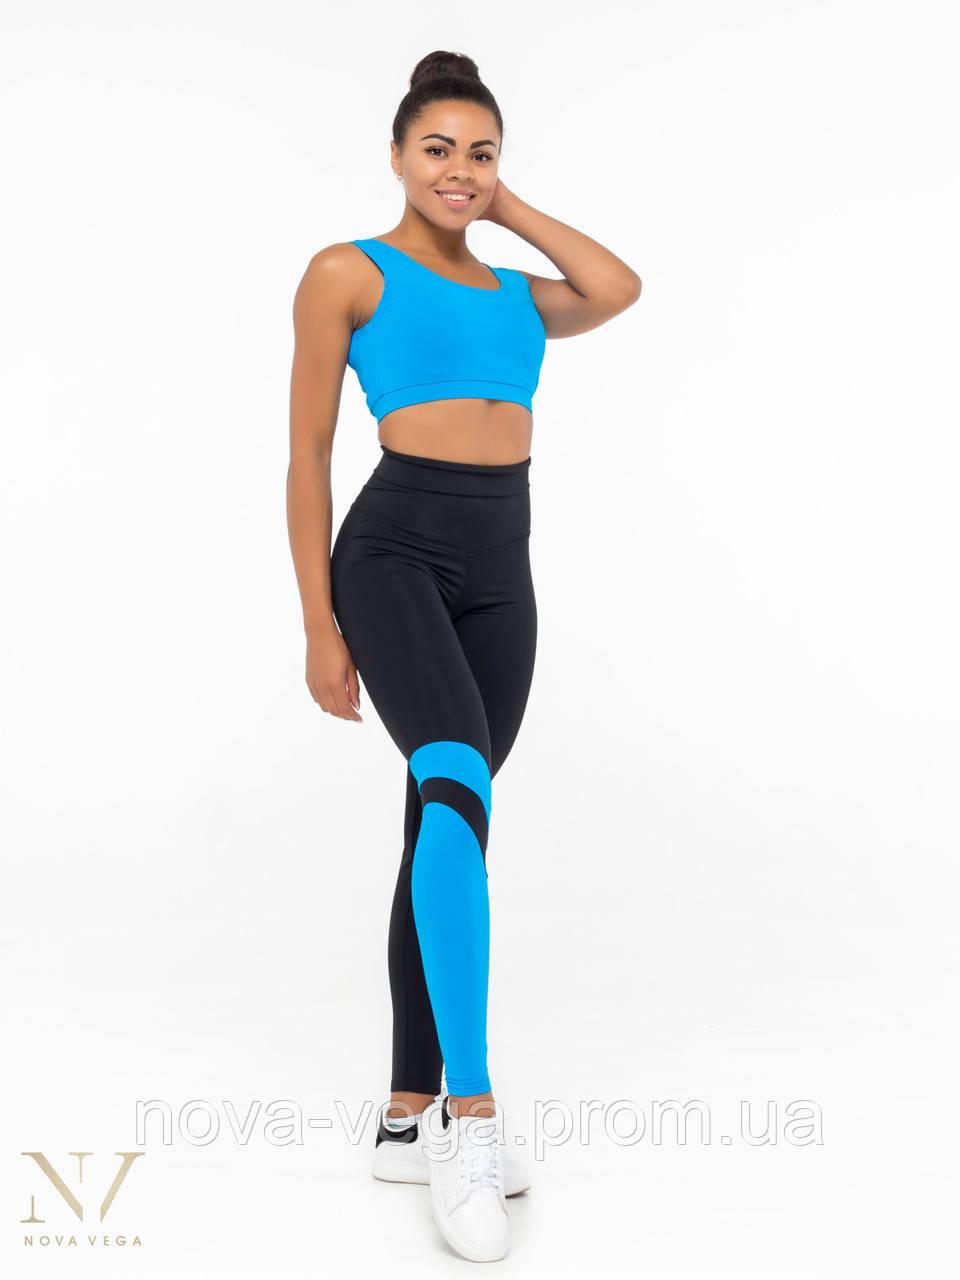 Спортивные Женские Леггинсы Nova Vega Lavina Black&Blue Высокий Пояс